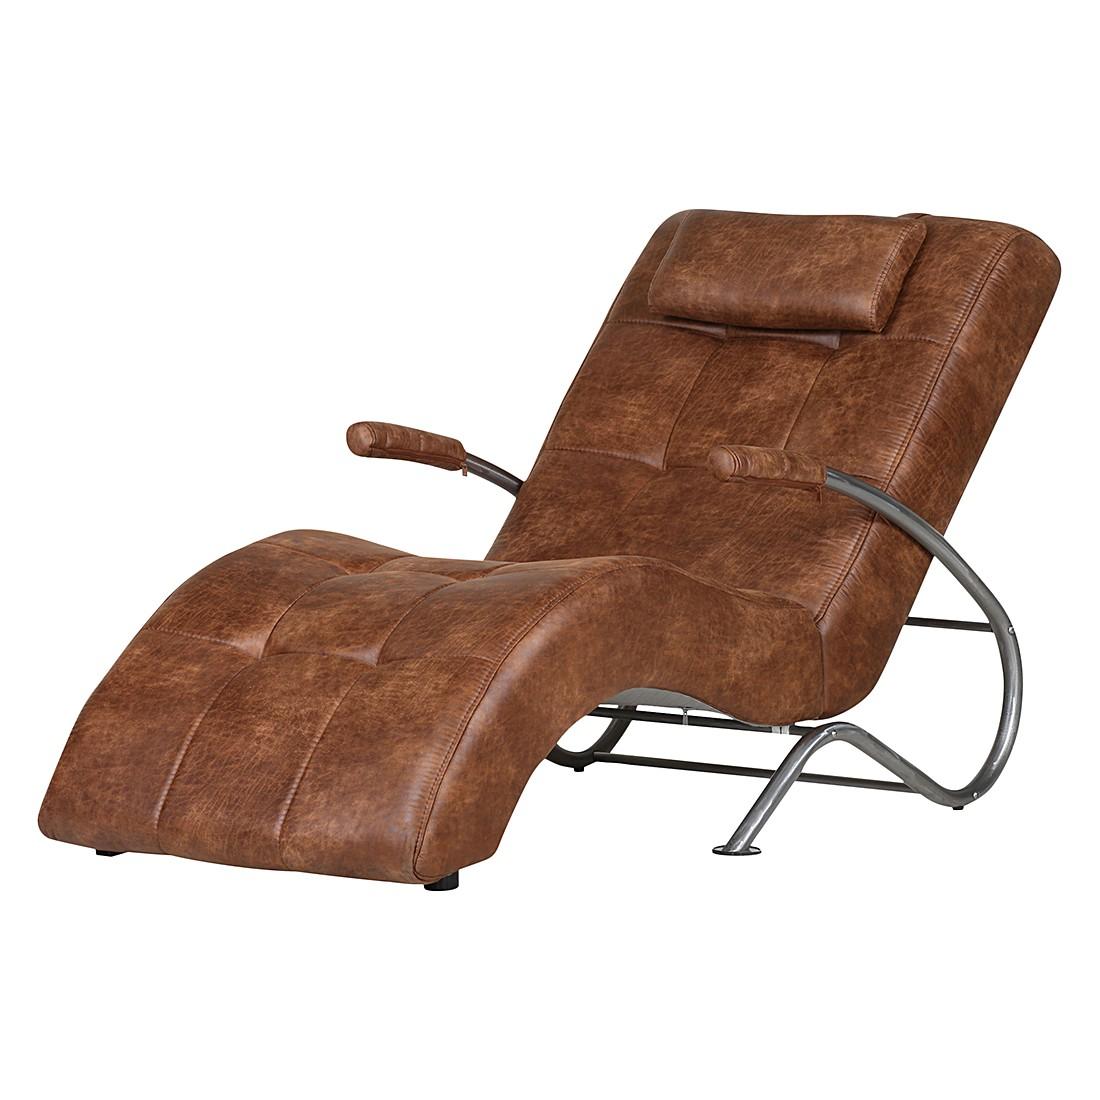 relaxliege leder braun preisvergleiche. Black Bedroom Furniture Sets. Home Design Ideas